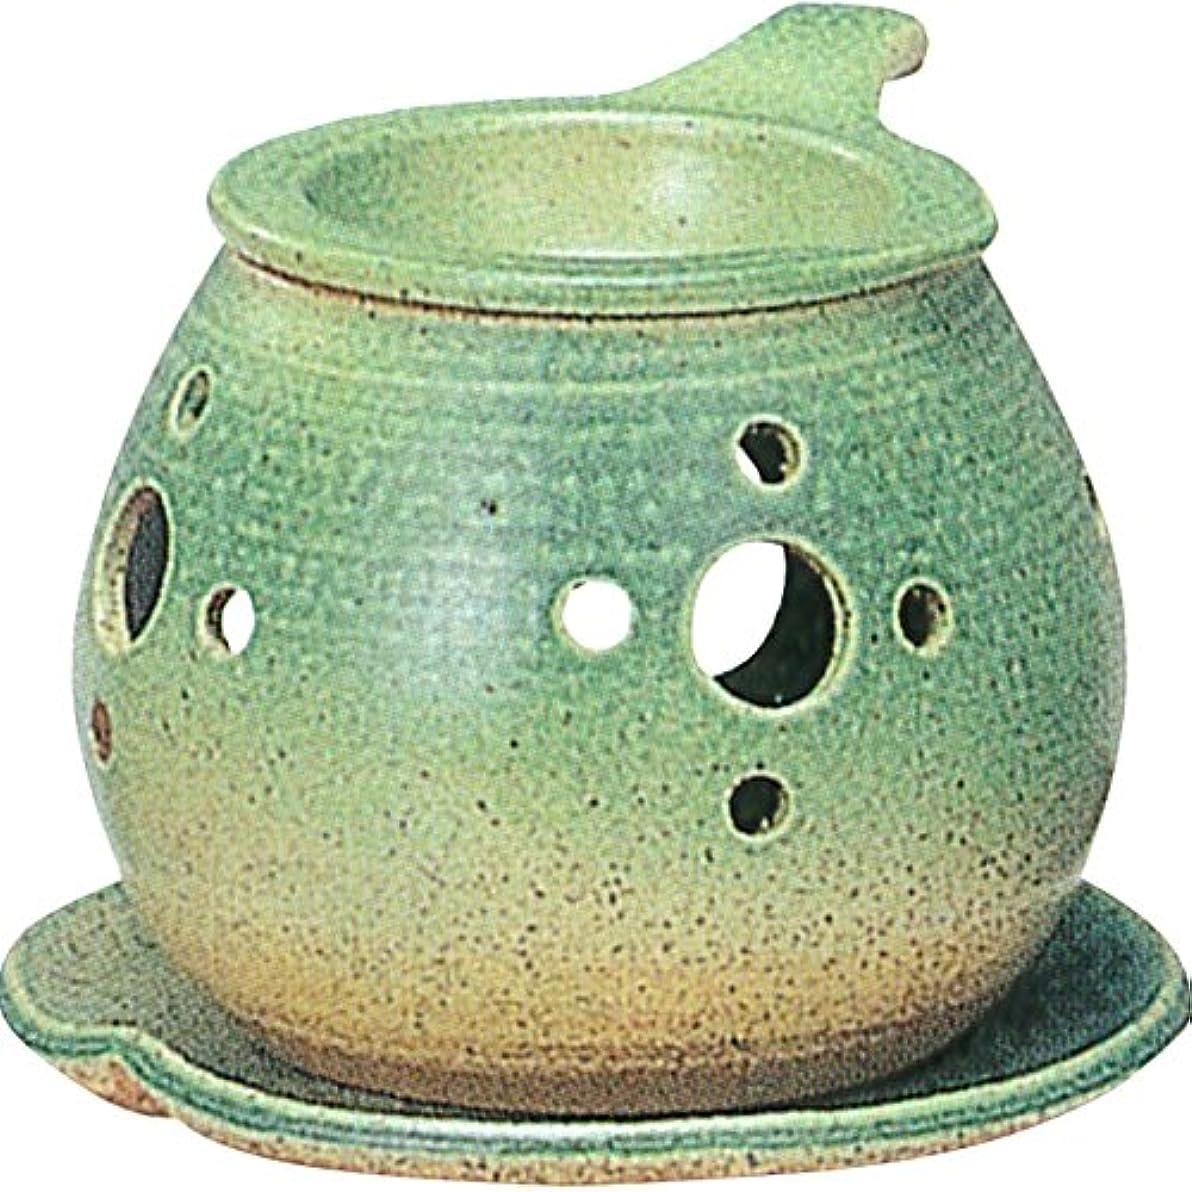 やけど住居欠員茶香炉 : 常滑焼 間宮 茶香炉? ル35-02